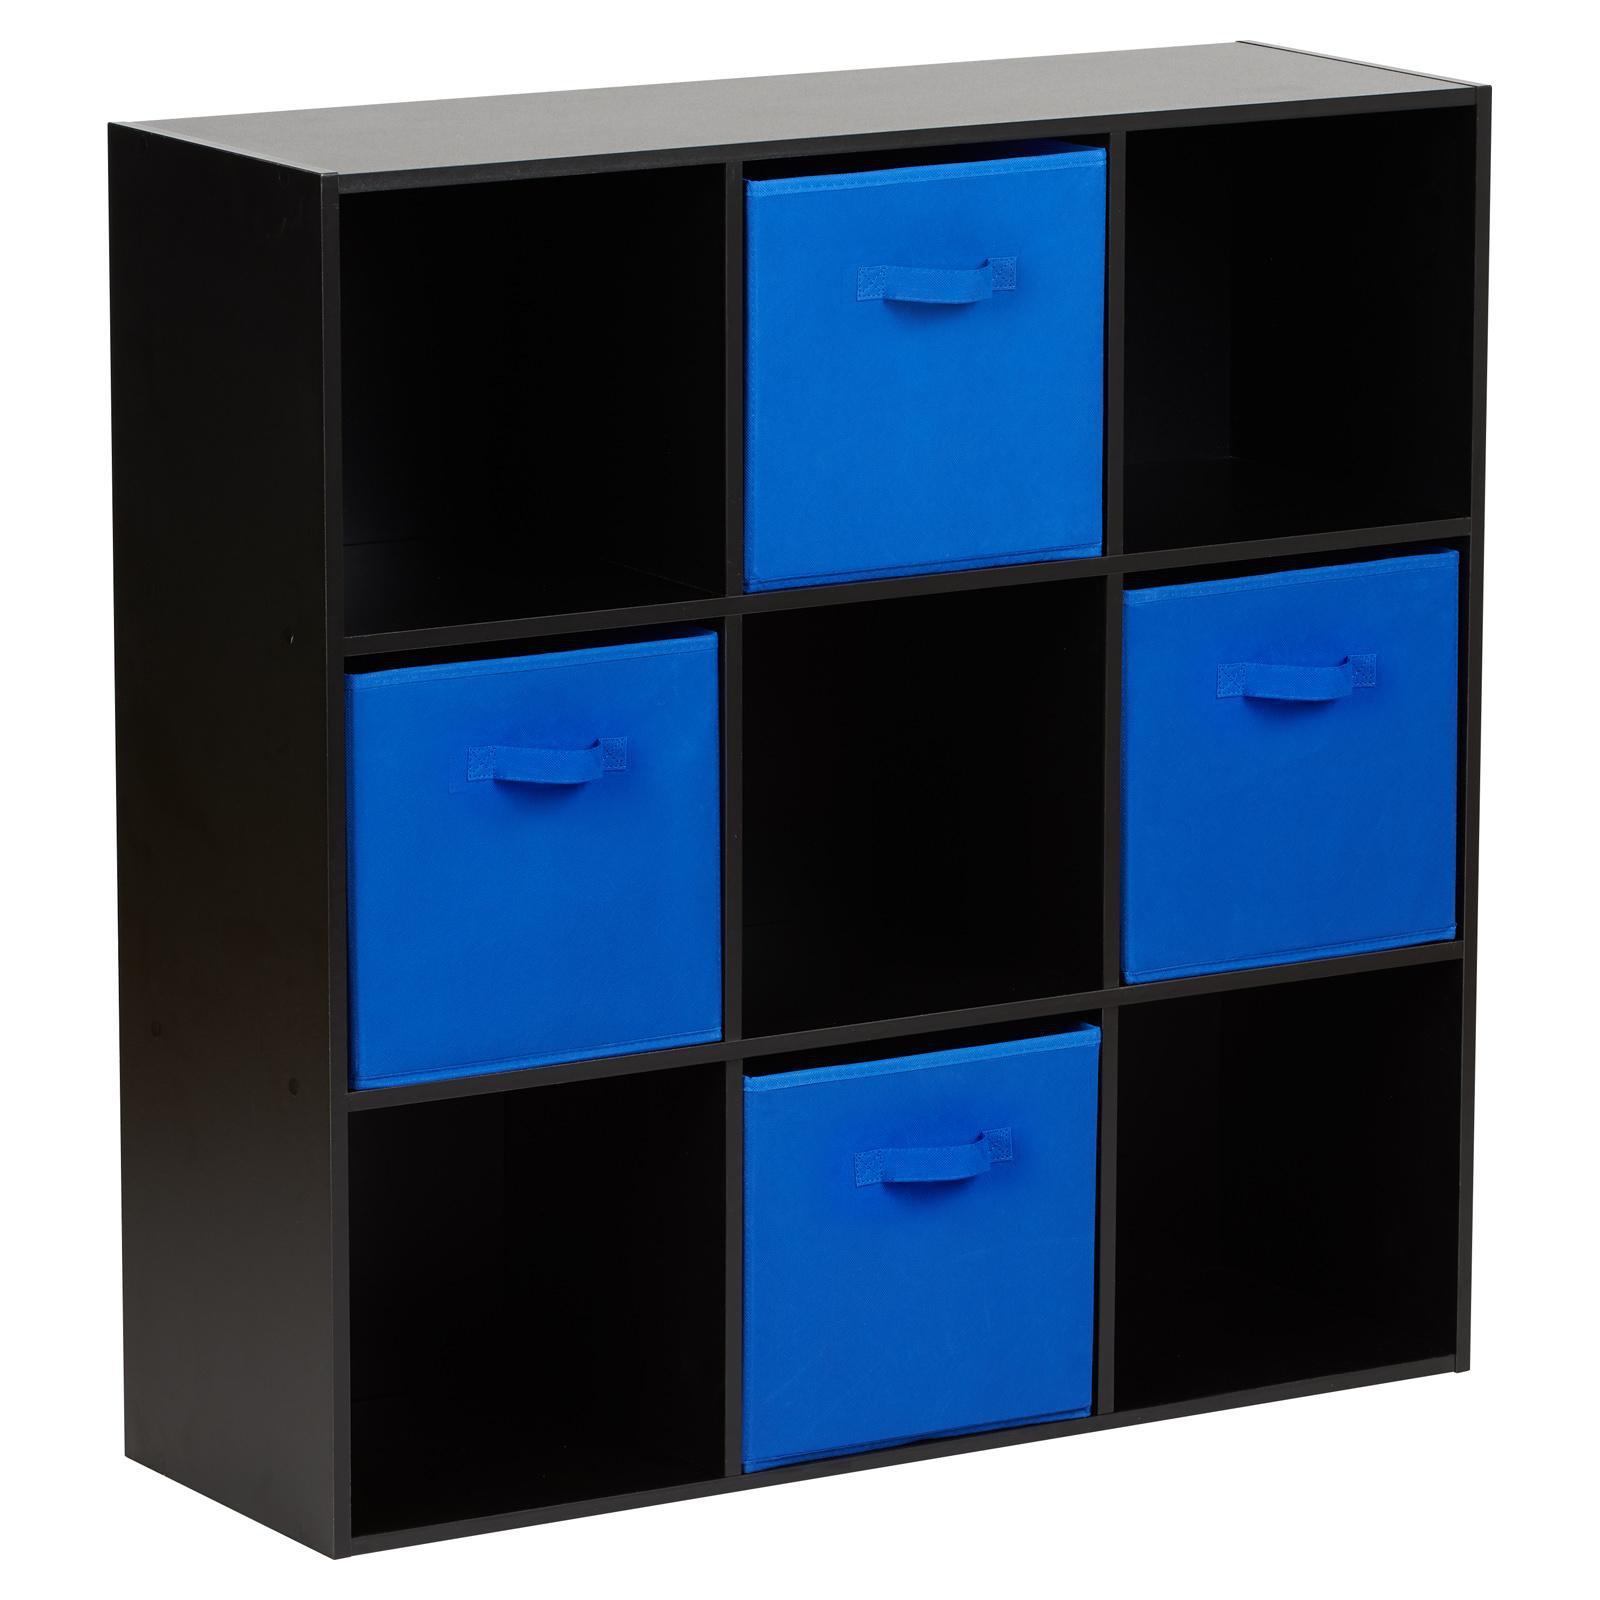 image-Hartleys Black 9 Cube Storage Unit & 4 Blue Handled Box Drawers